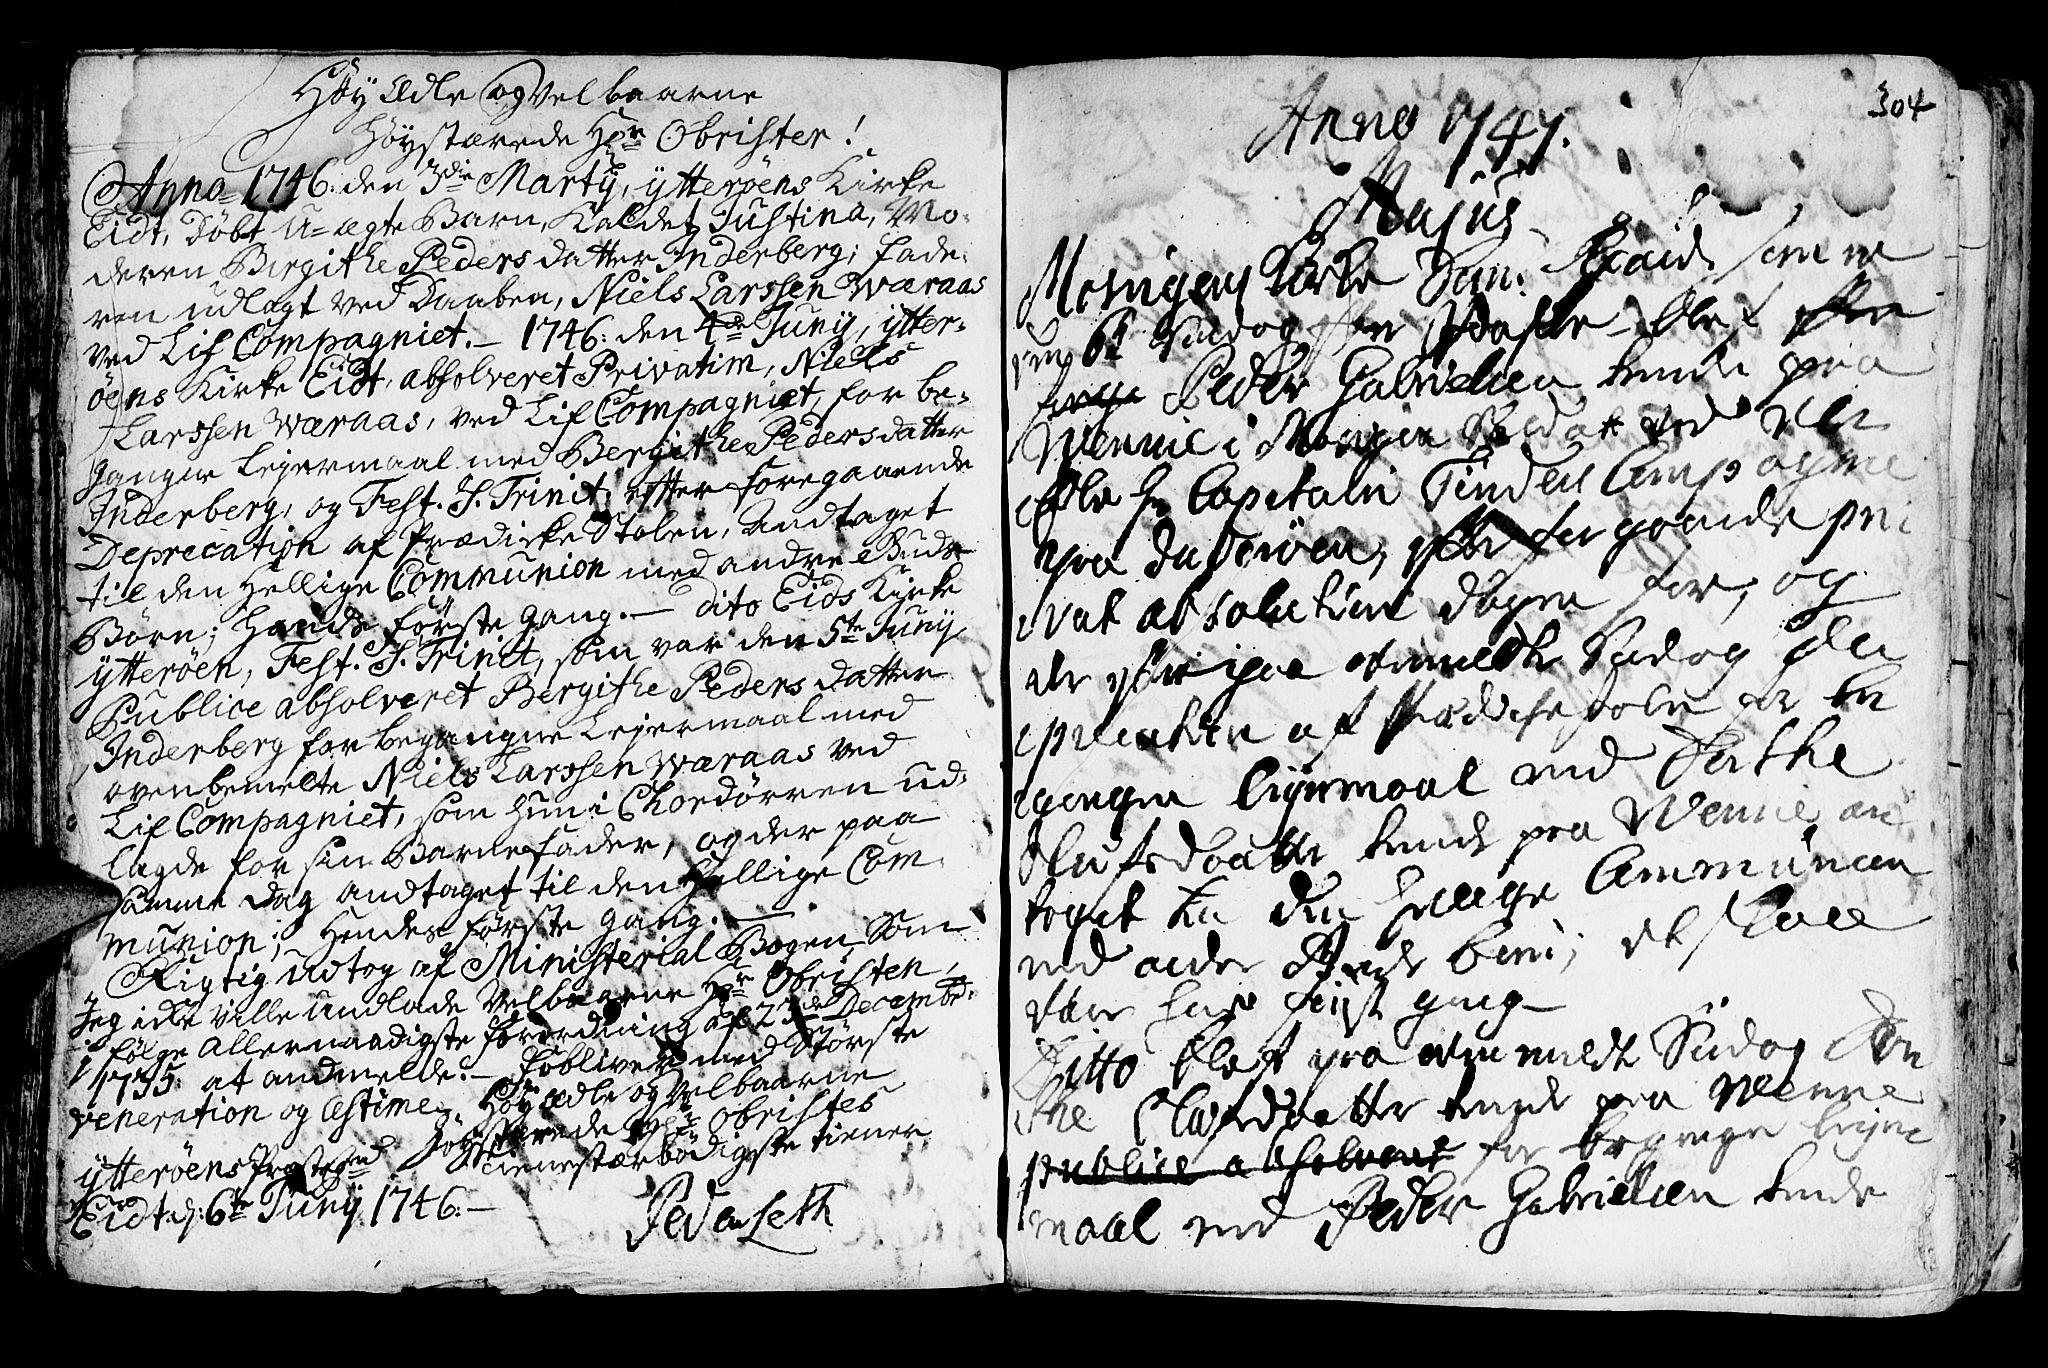 SAT, Ministerialprotokoller, klokkerbøker og fødselsregistre - Nord-Trøndelag, 722/L0215: Ministerialbok nr. 722A02, 1718-1755, s. 304